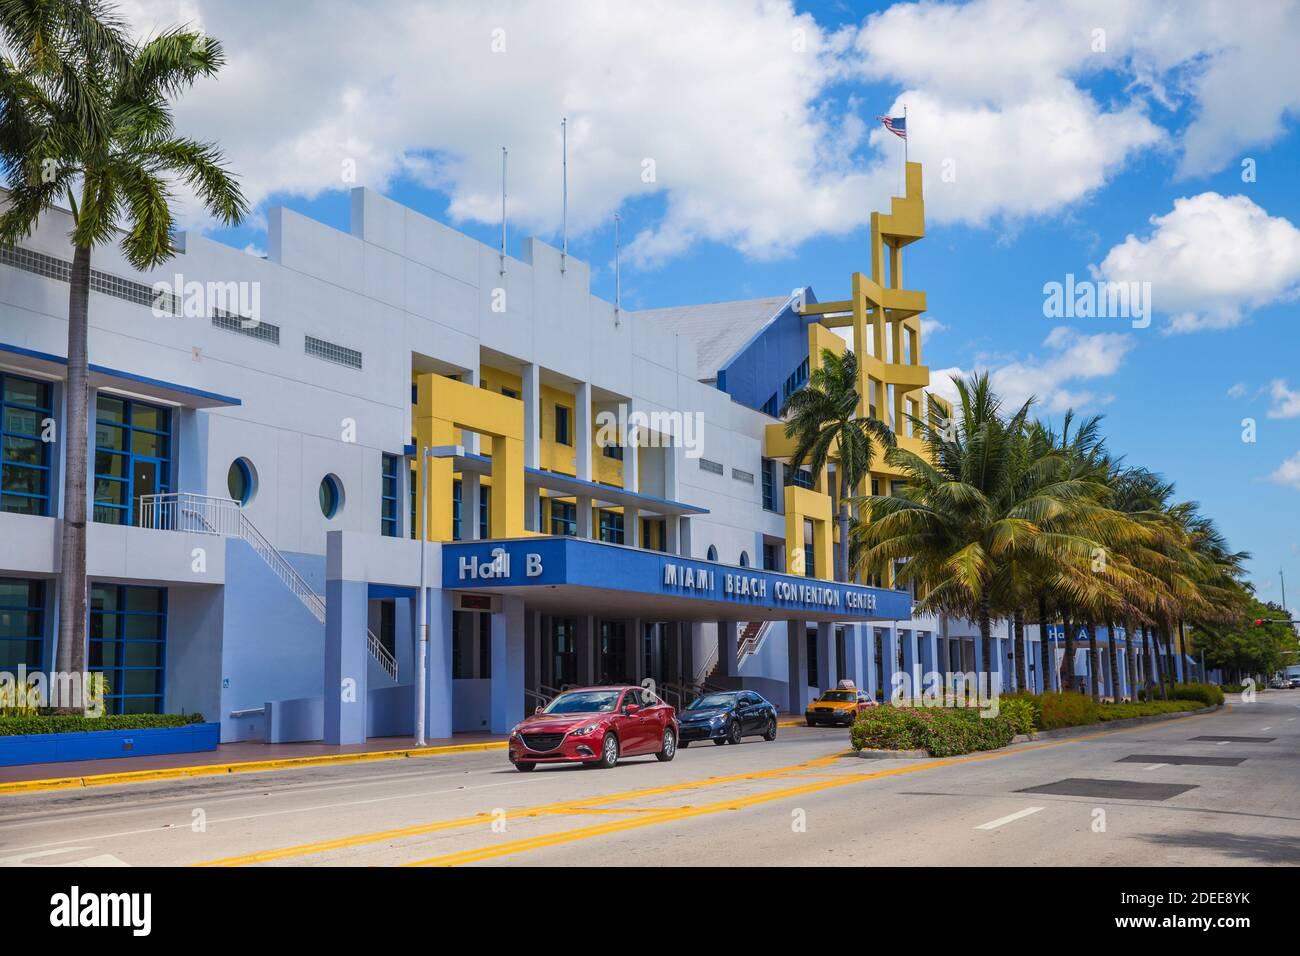 U.S.A, Miami, Miami beach, South Beach, Miami Convention Center Stock Photo